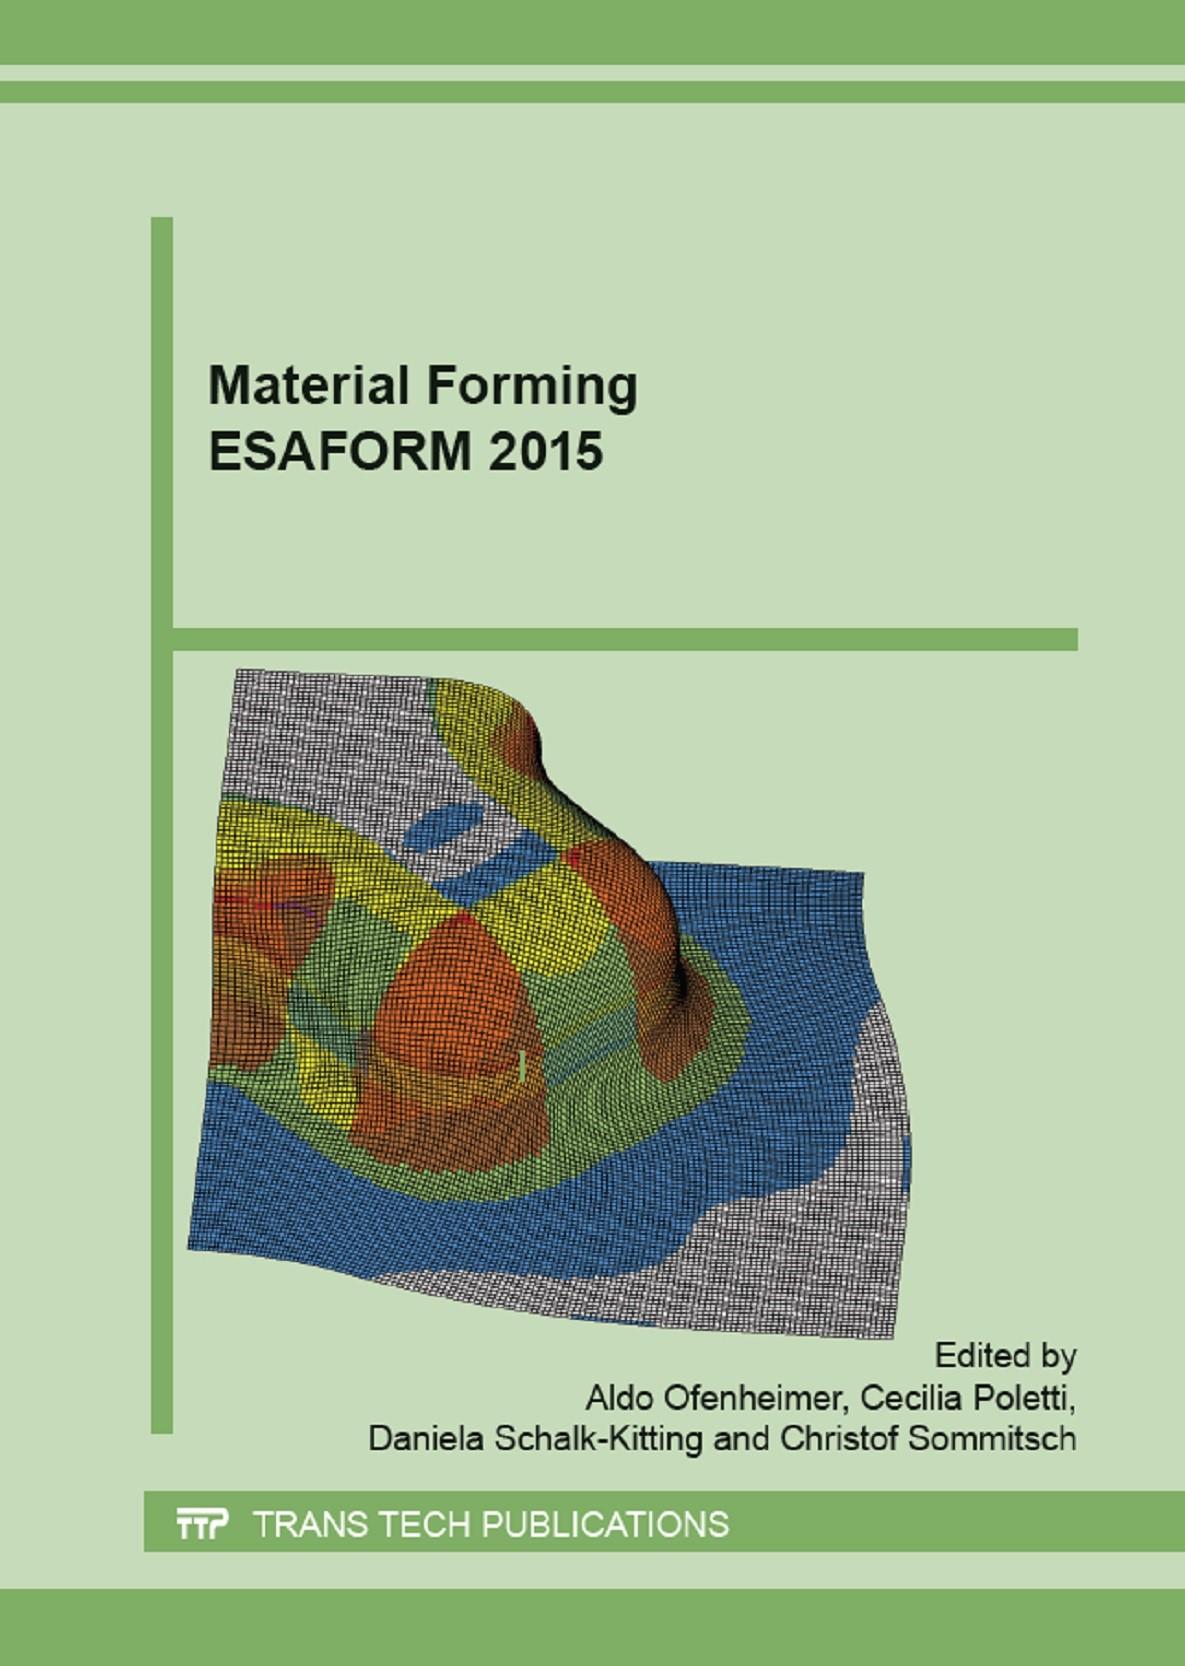 ESAFORM 2015 | Ofenheimer, 2015 | Buch (Cover)